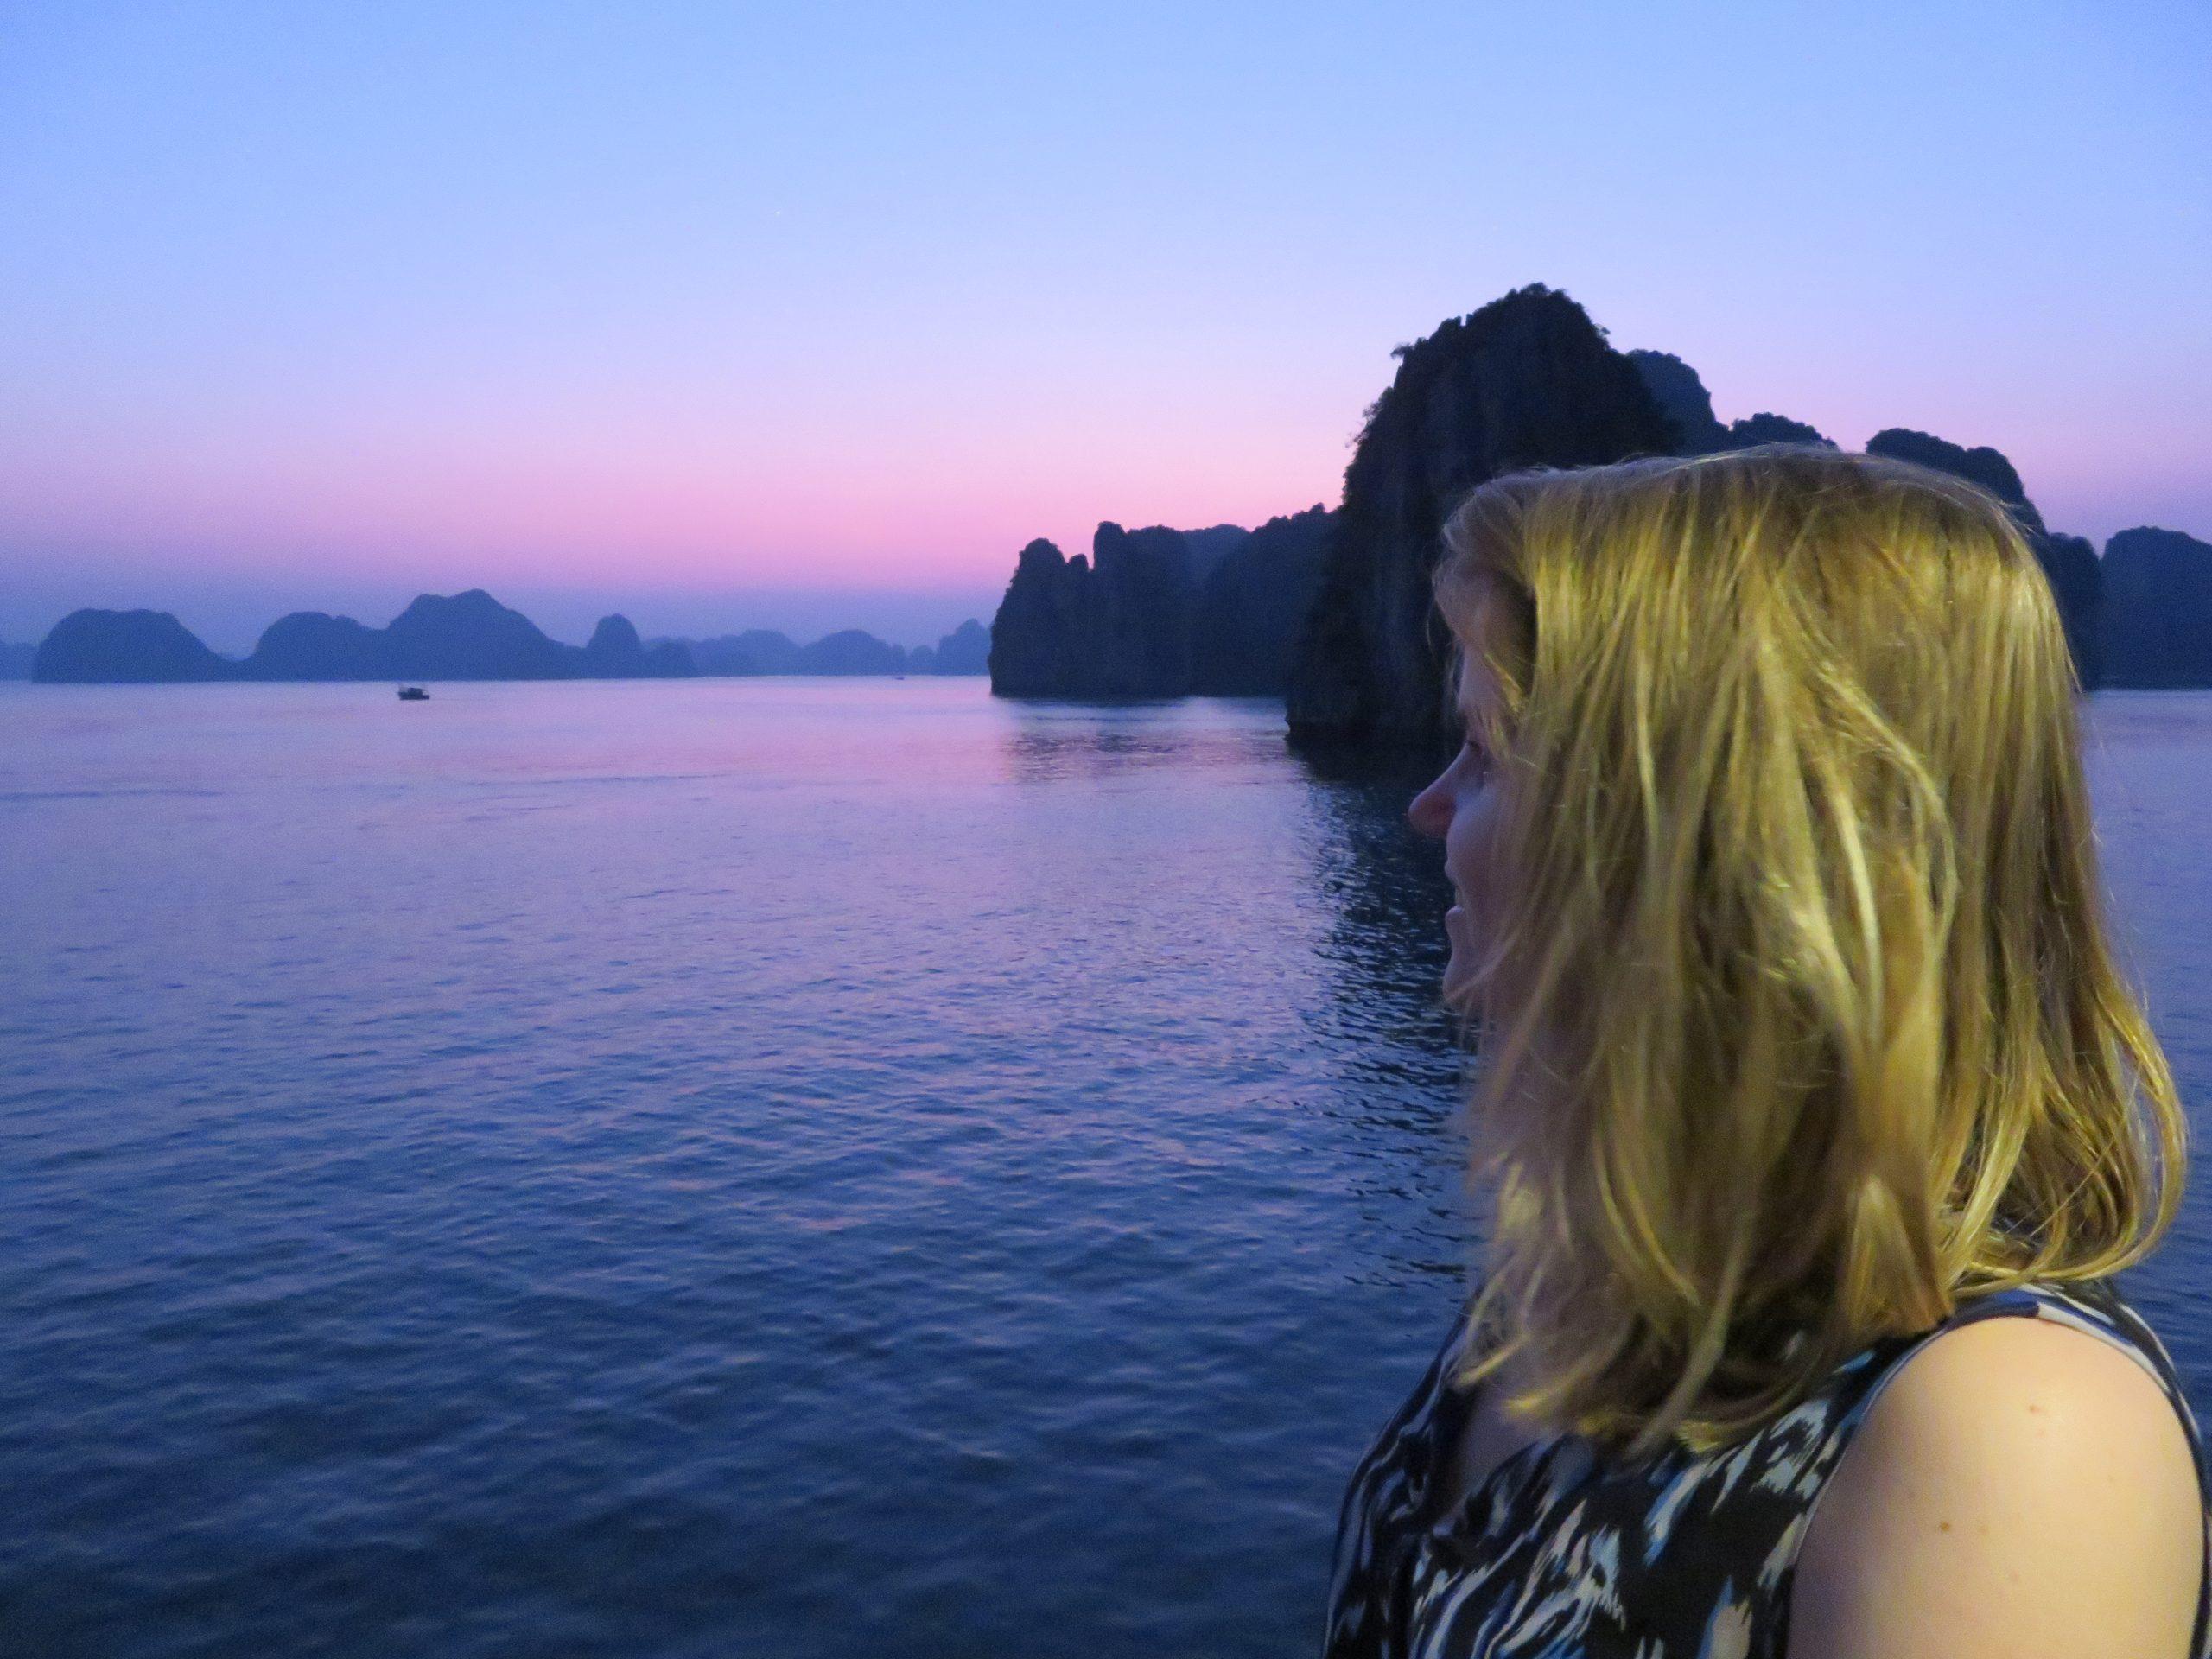 Is Vietnam duur? De kosten voor een Ha Long Bay cruise